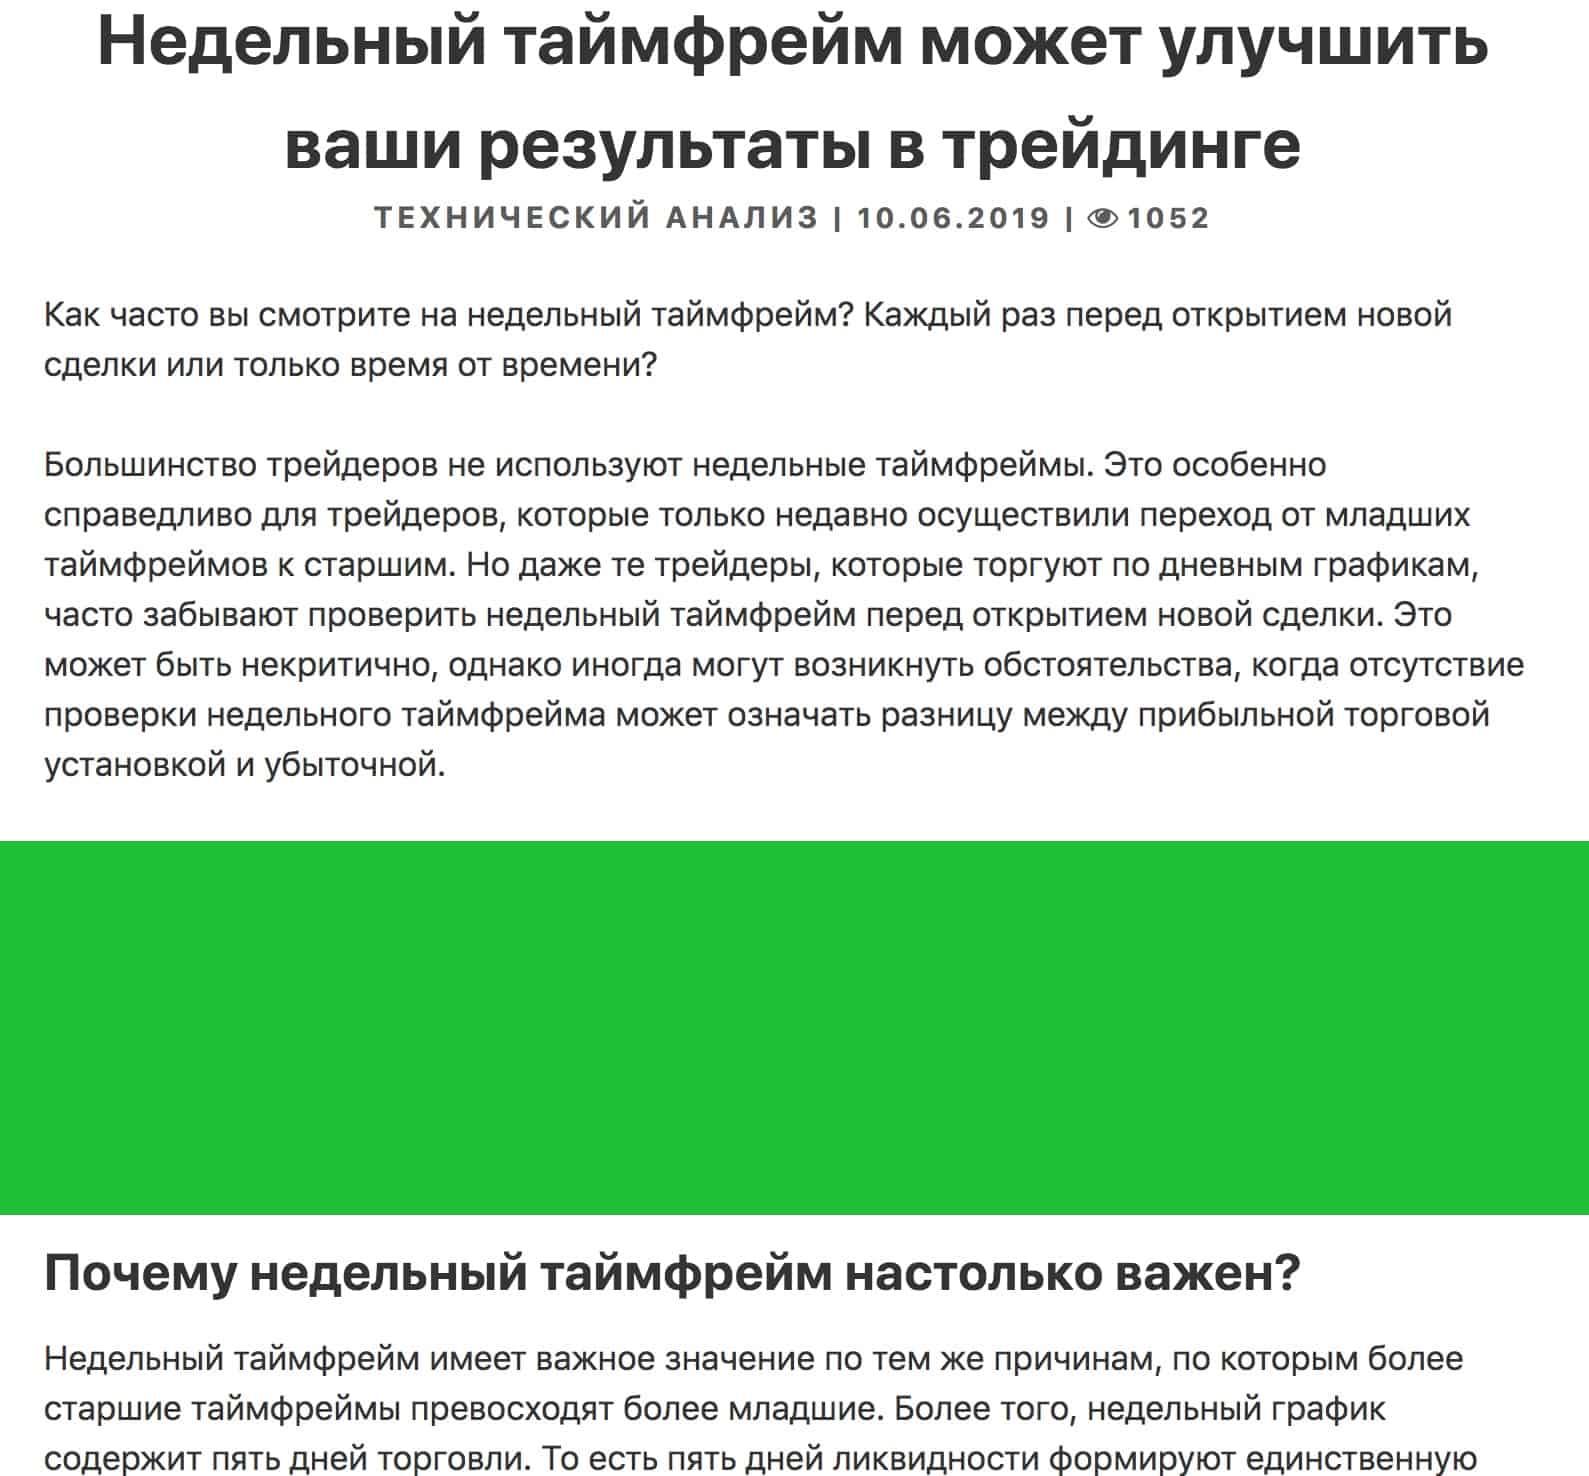 реклама в статье - десктоп